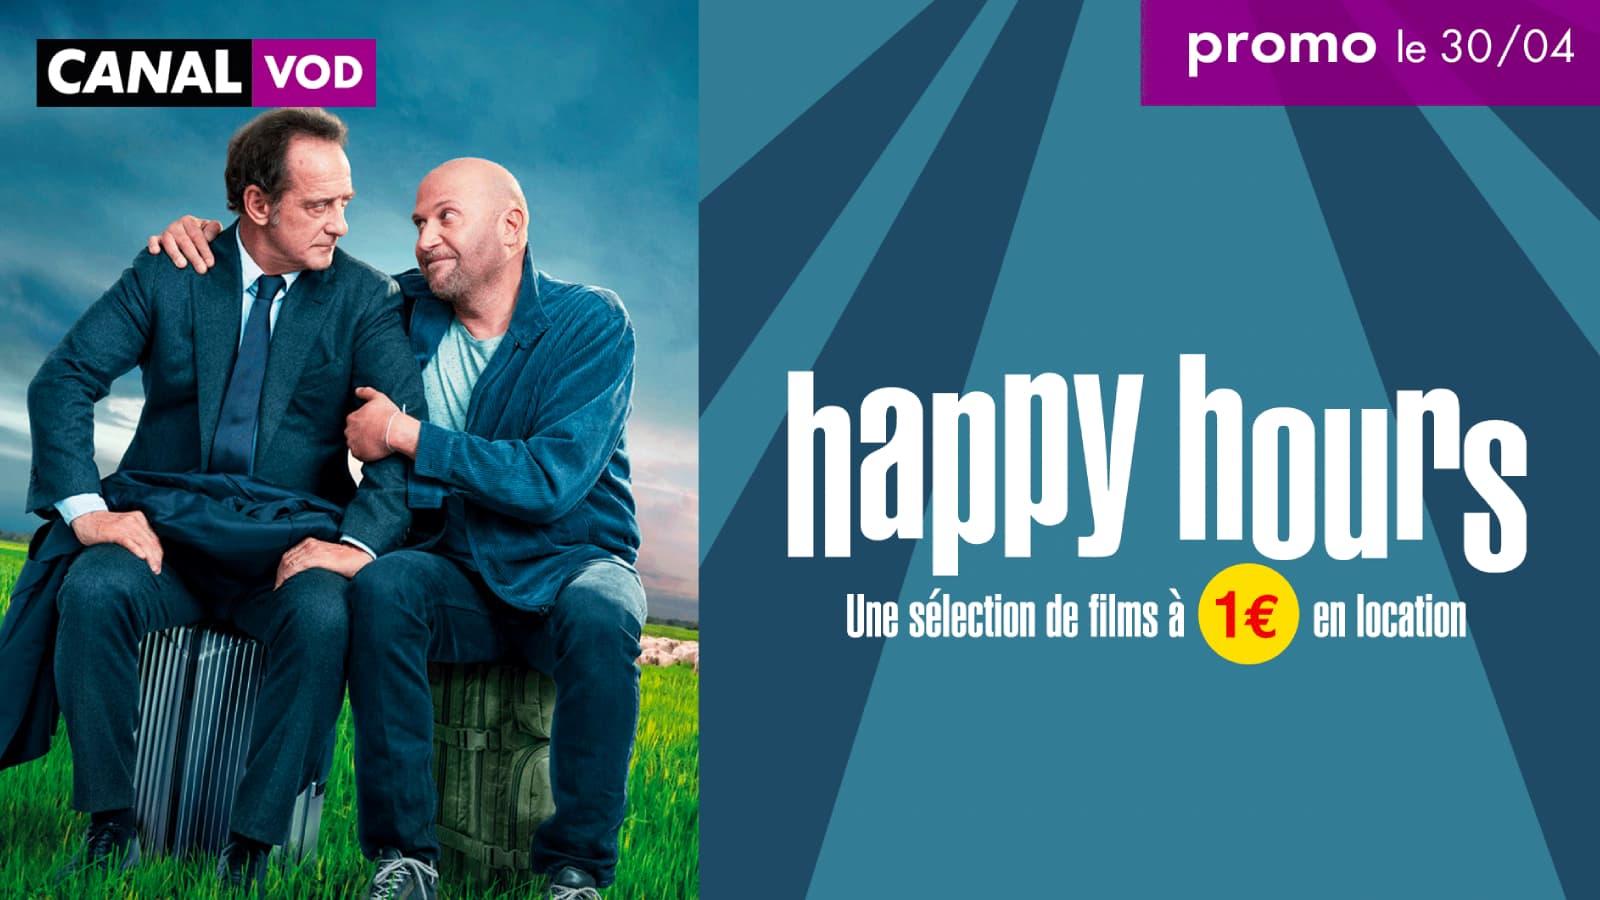 Profitez des Happy Hours sur CANAL VOD !